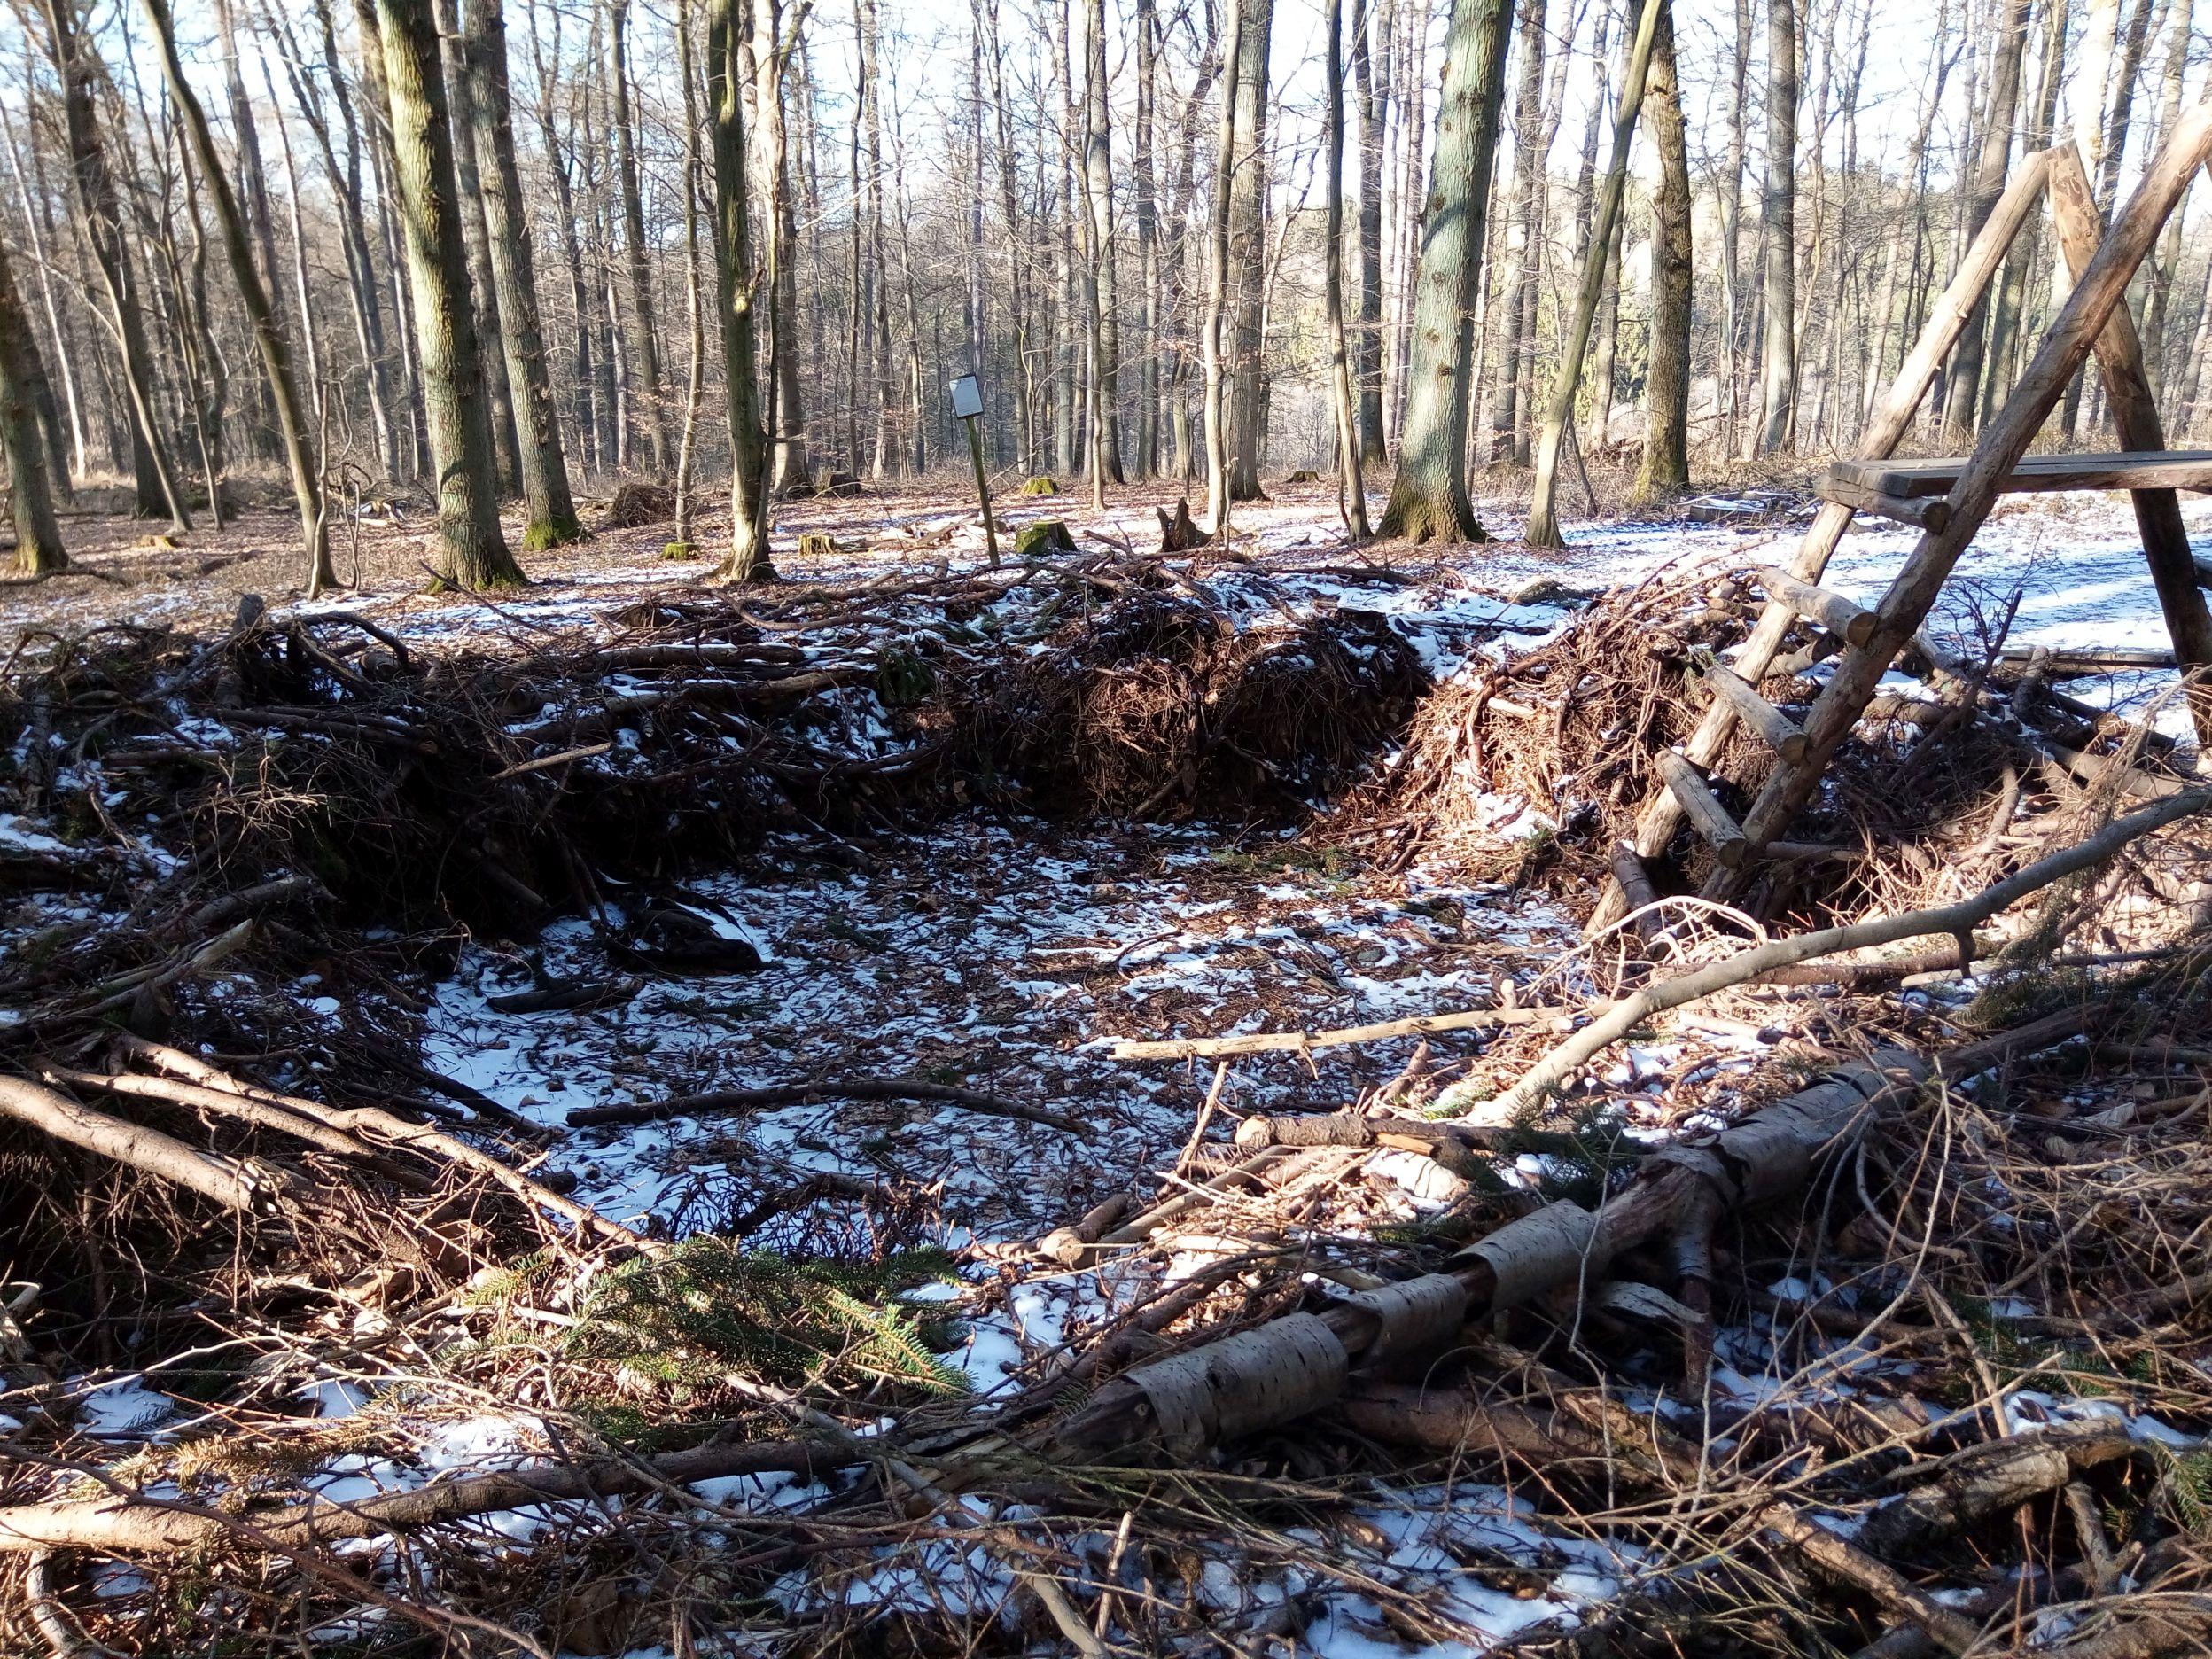 Riesenvogelnest im Wald bei Höhr-Grenzhausen